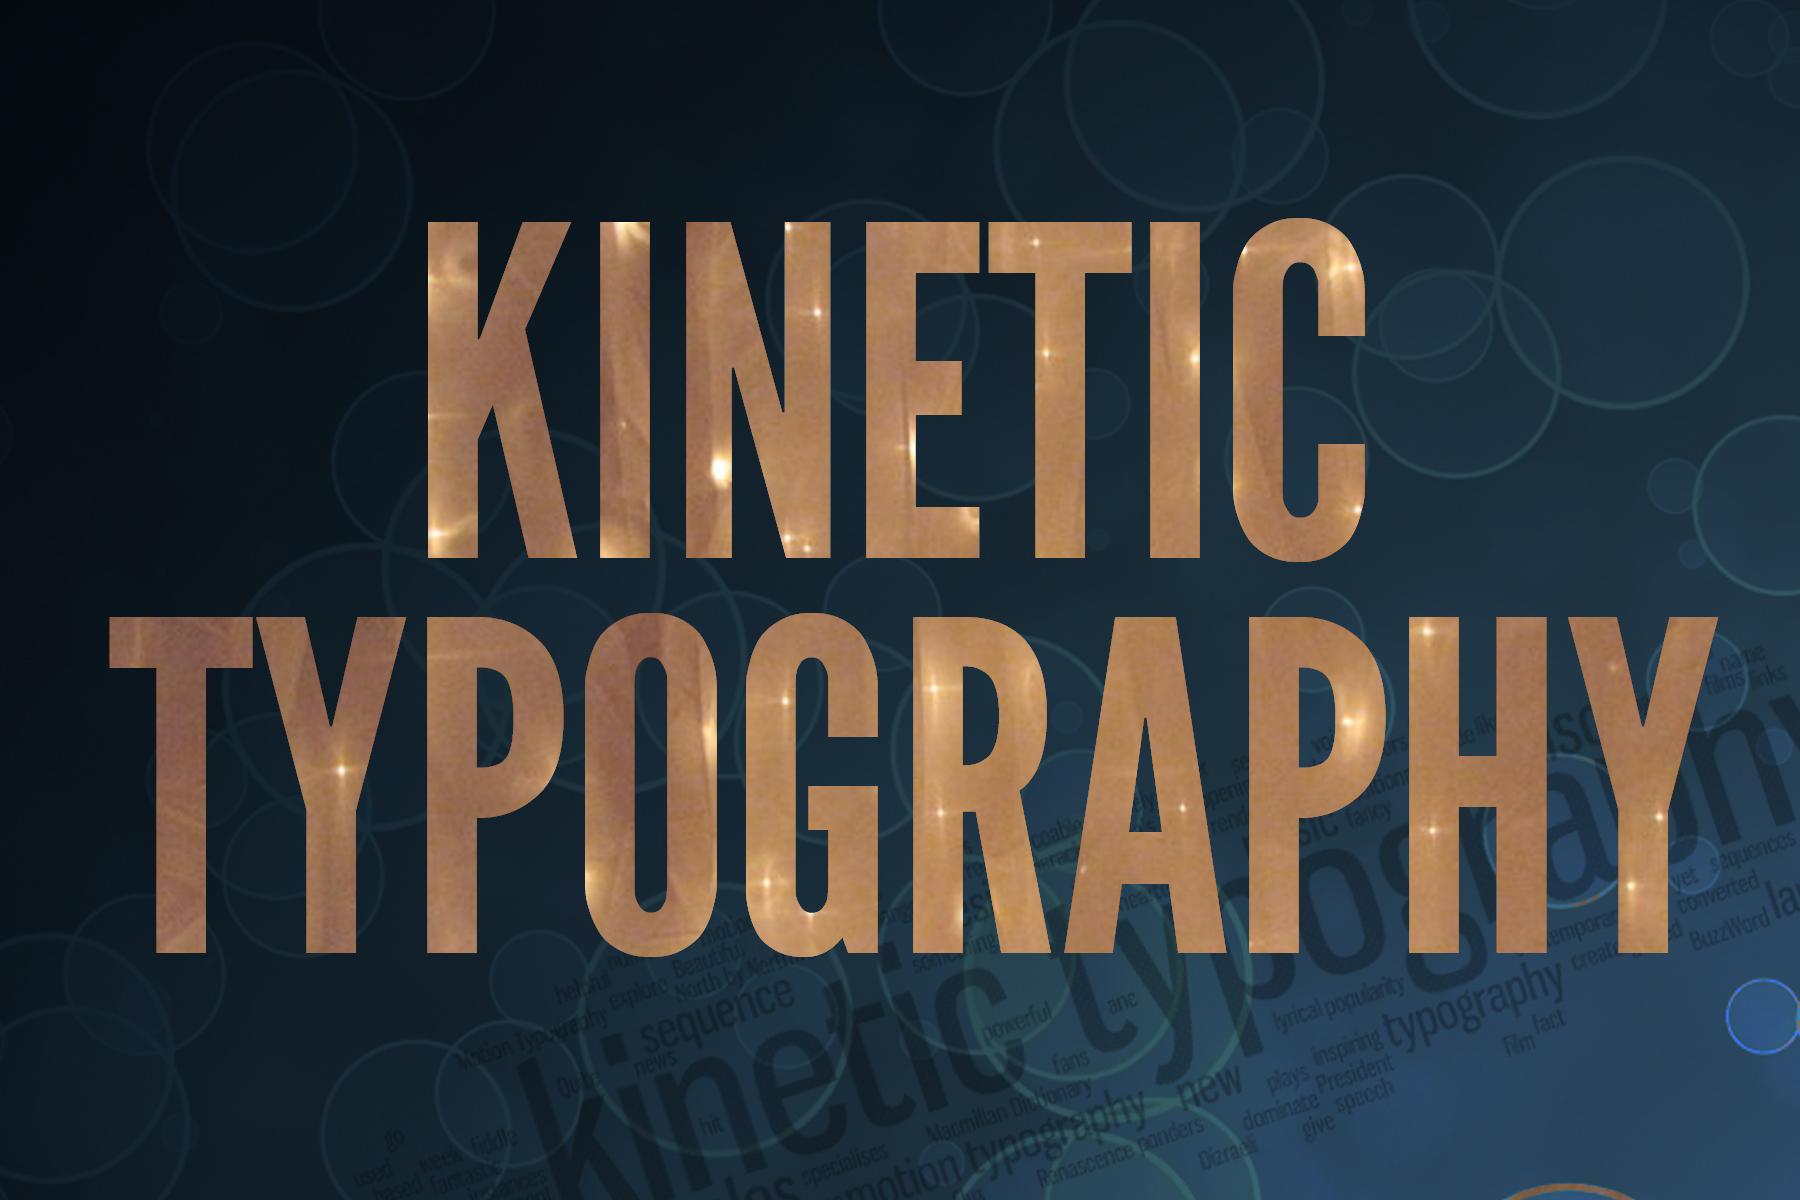 La Kinetic Typography nei brani di Weird Al Yankovic